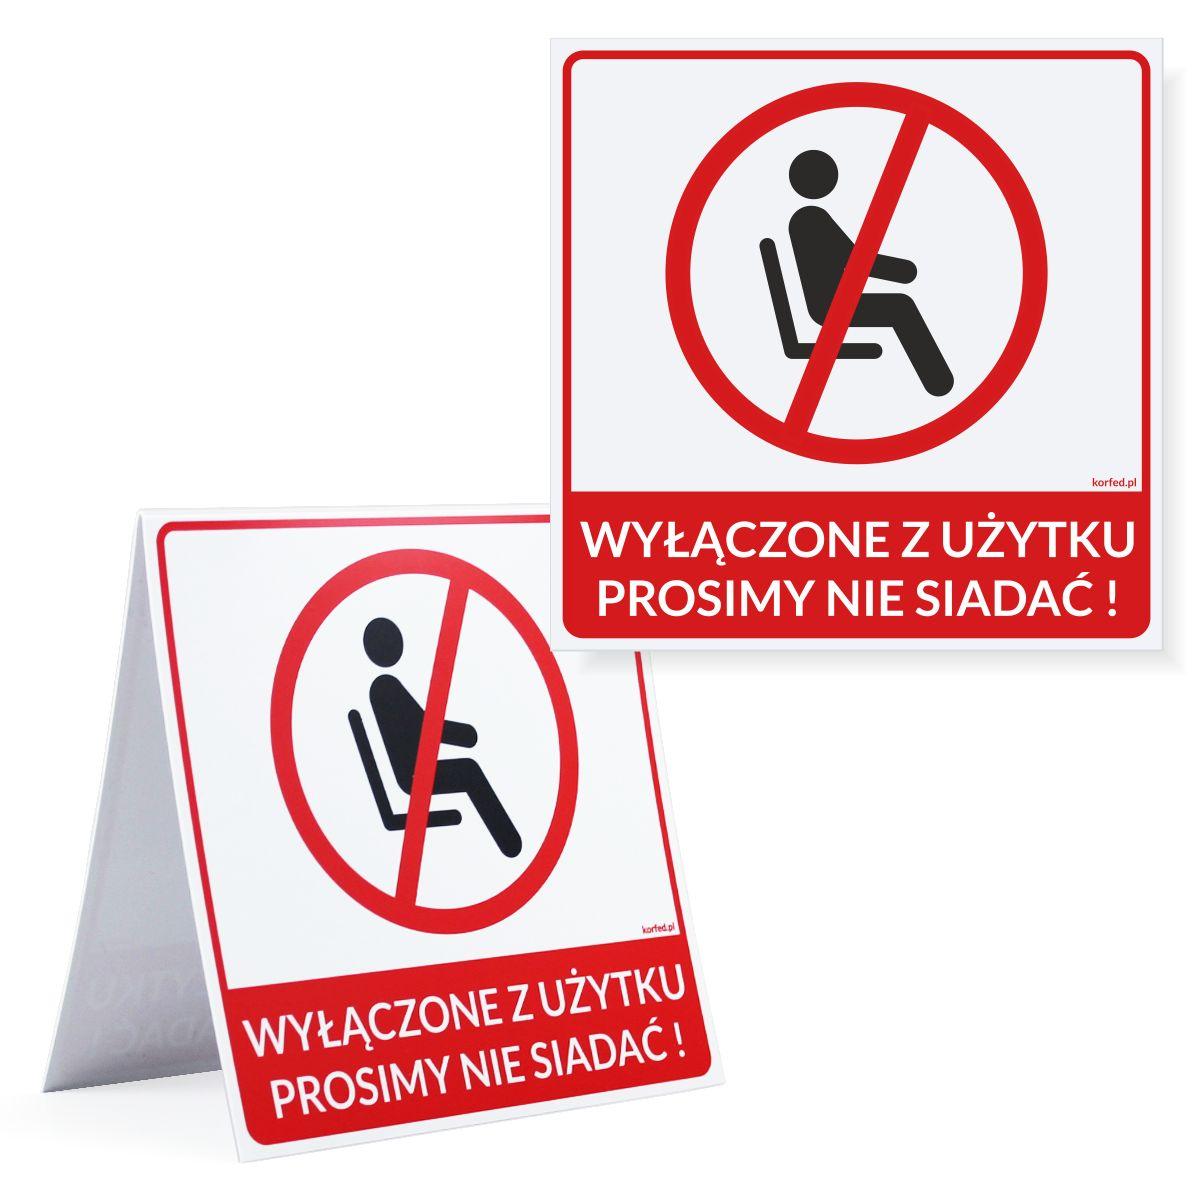 Naklejki - etykiety samoprzylepne oraz stojaczki plastikowe dwustronne na krzesła, miejsca siedzące w poczekalni, stadionie, auli - Zakaz siadania, miejsca wyłączone z użytku żeby została zachowana odległość - oznakowanie covid